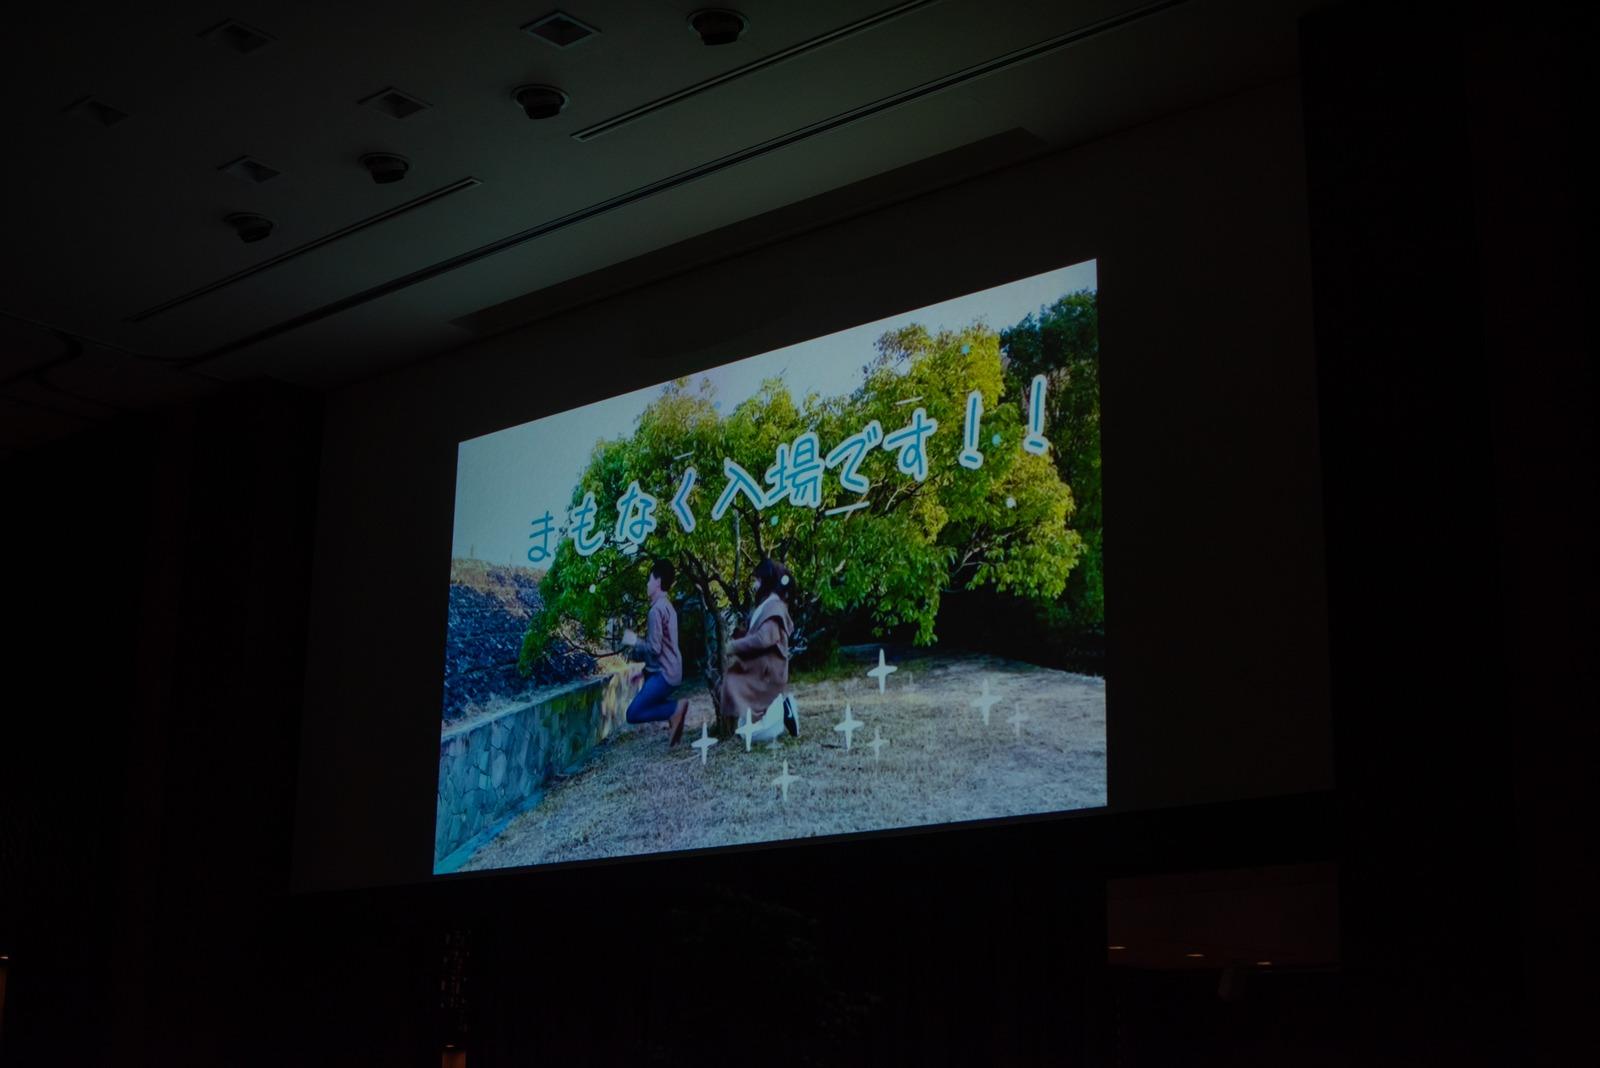 徳島県の結婚式場ブランアンジュの披露宴会場で上映したムービー